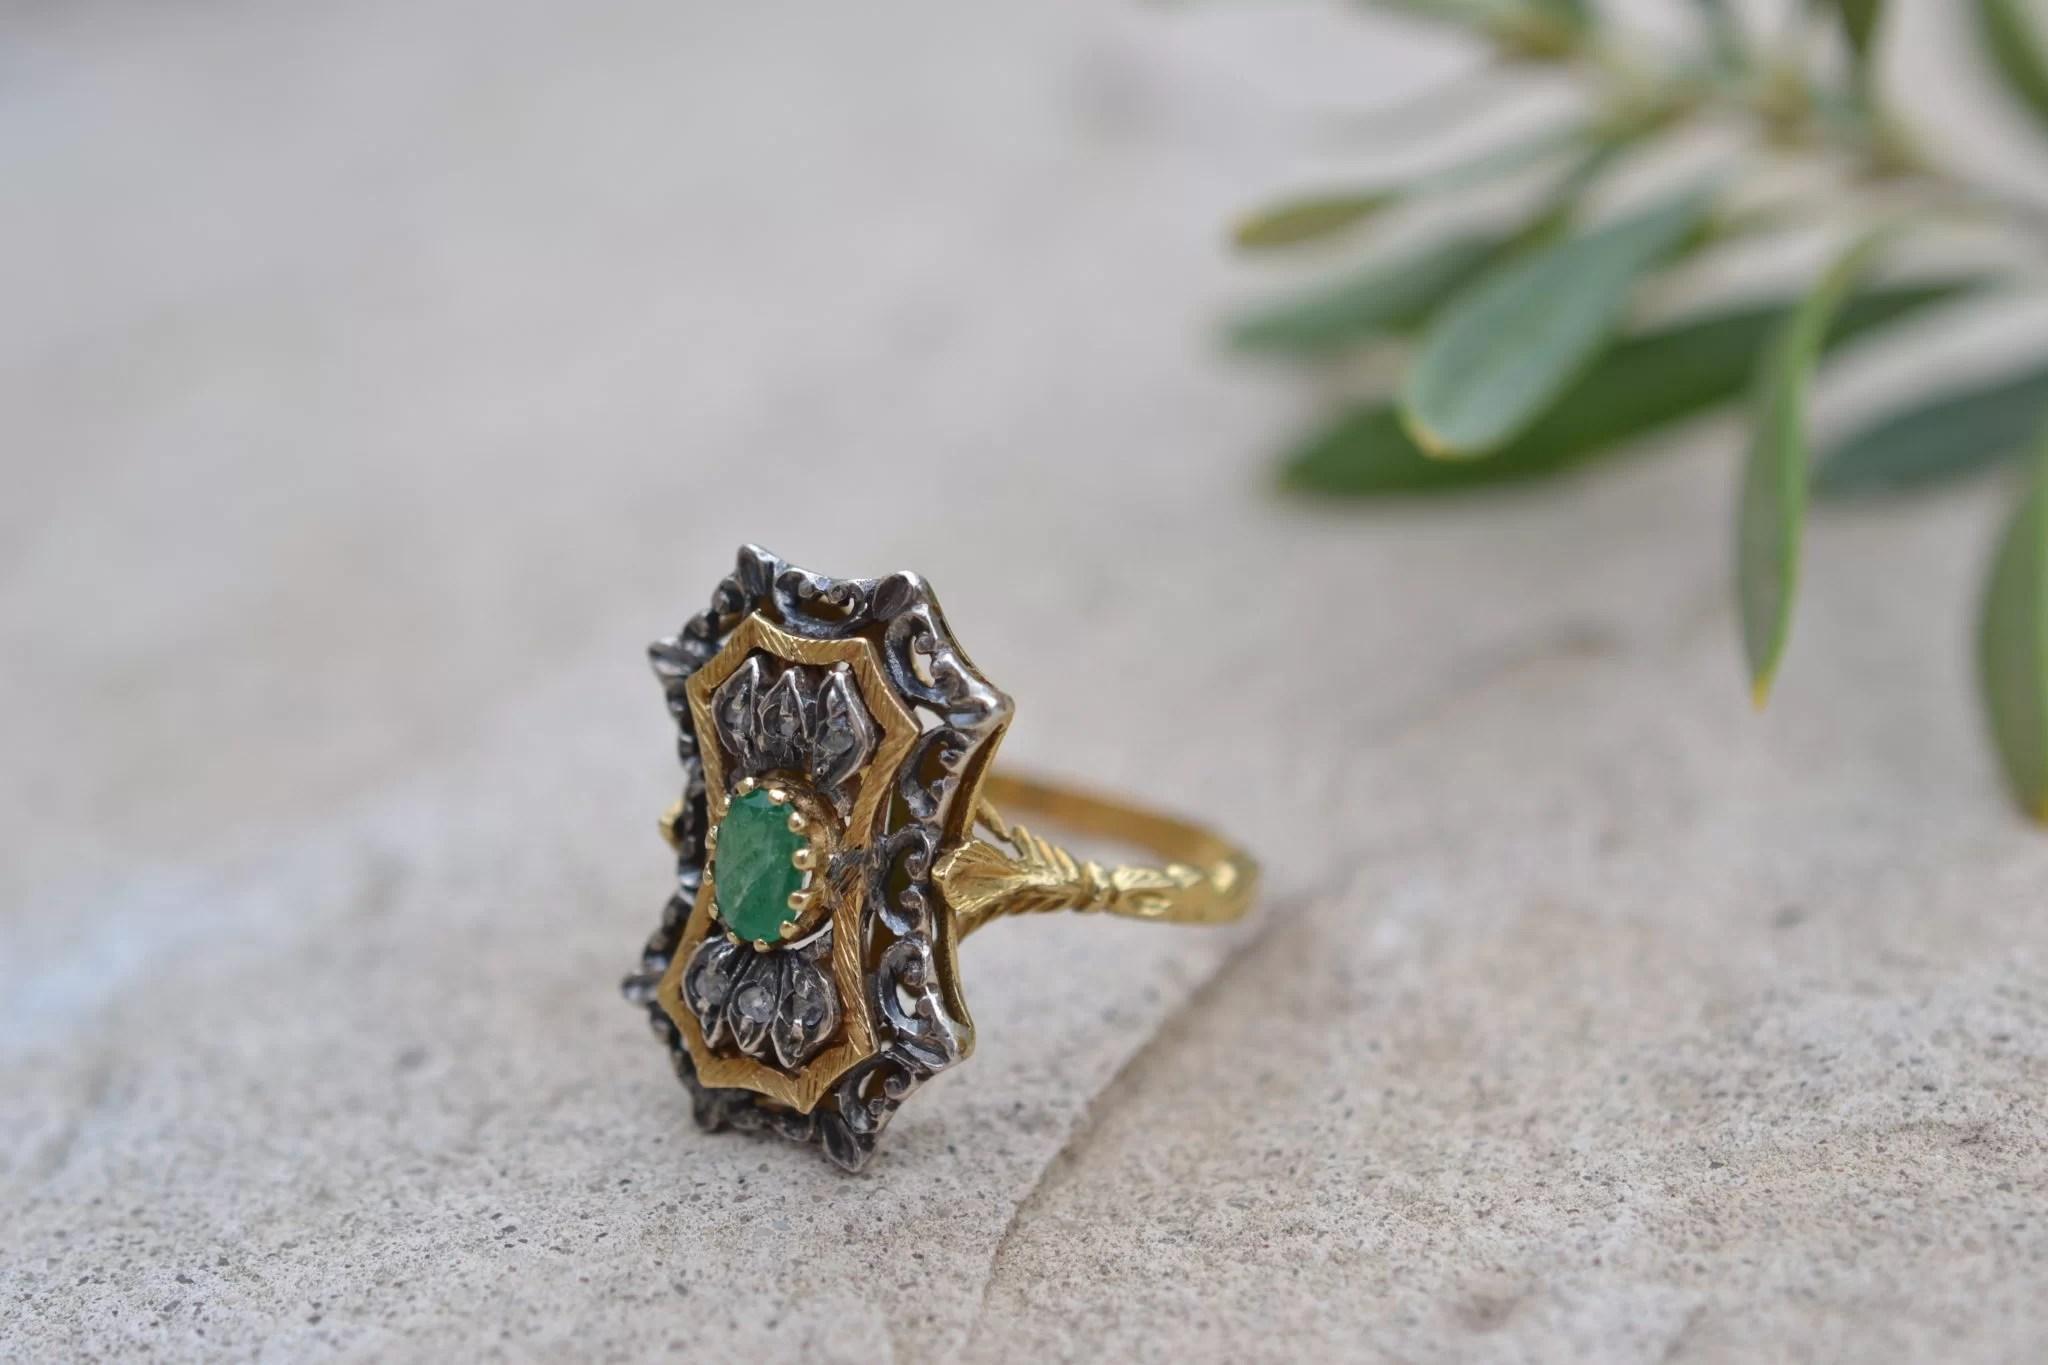 bague ancienne emeraude et diamants - en Or jaune 18 carats - bijoux bohèmes